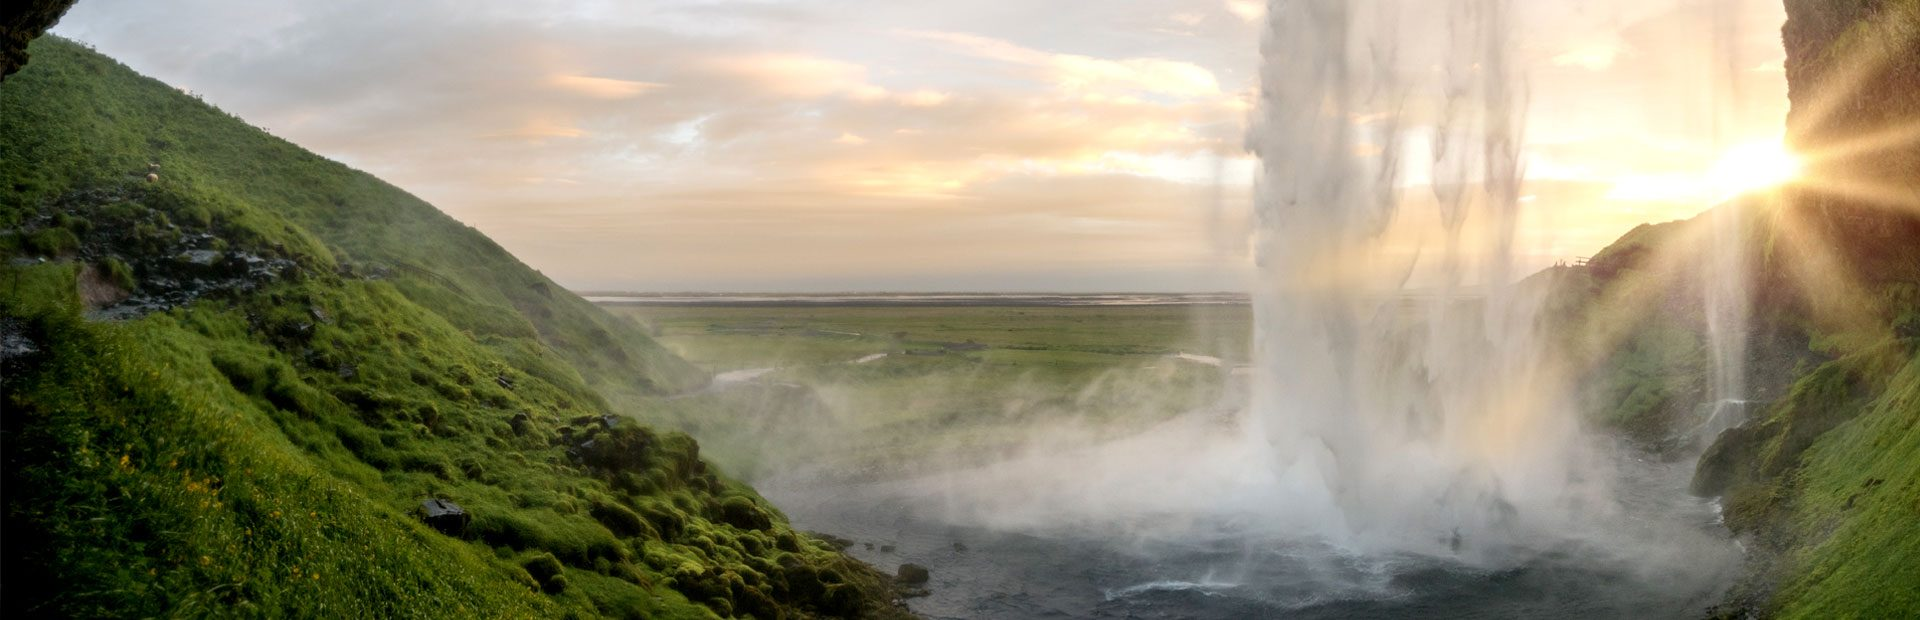 Island Urlaub mit dem Mietwagen buchen